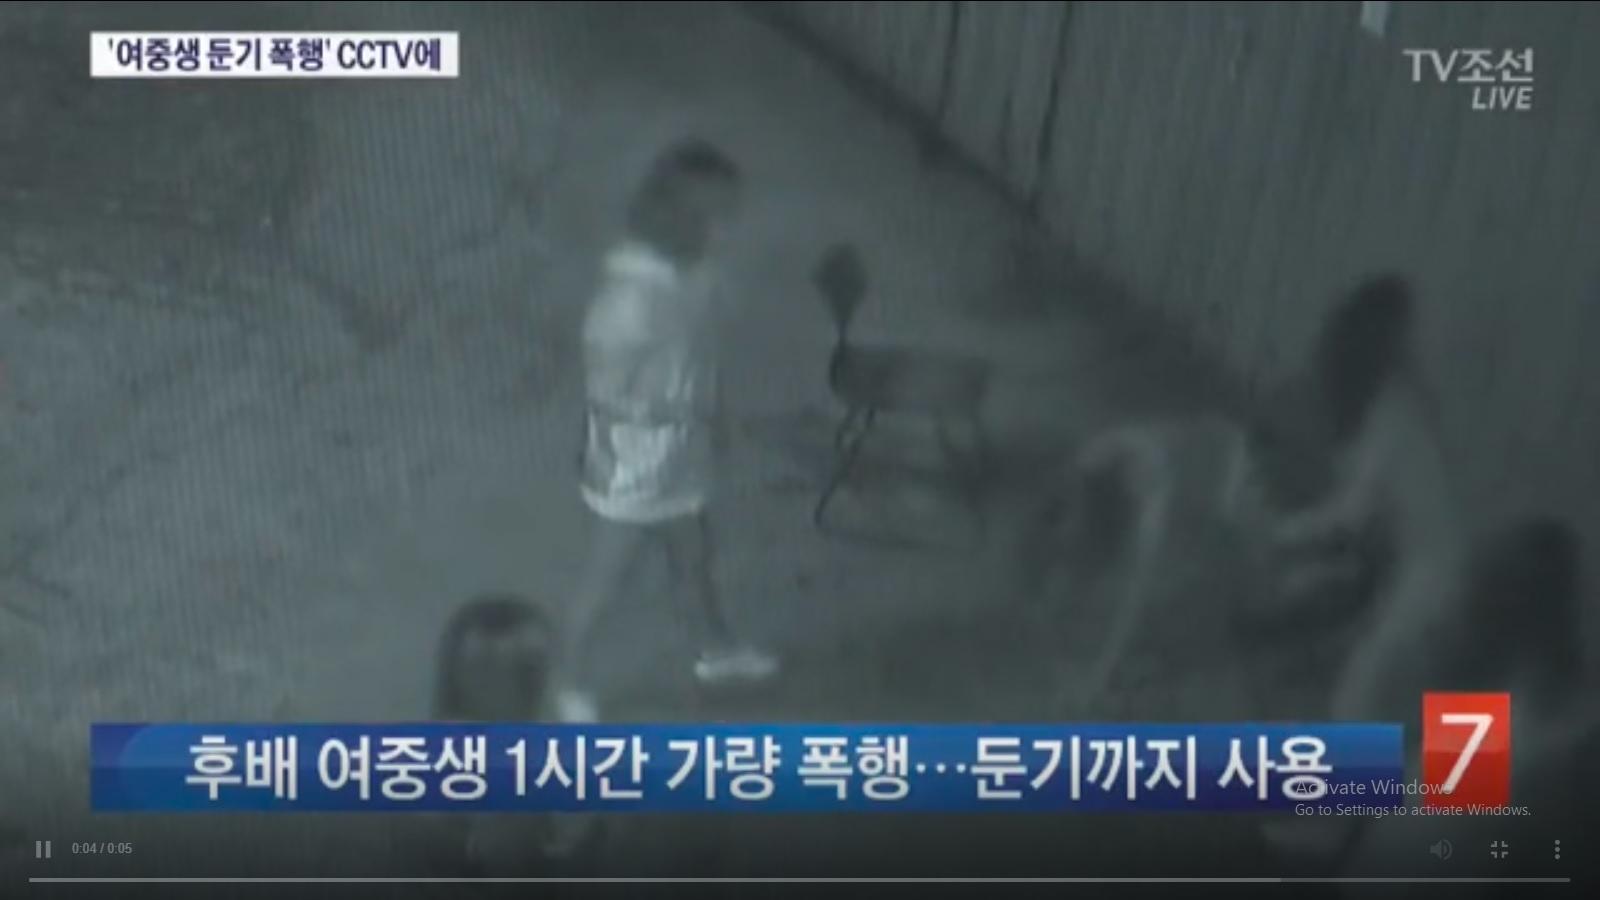 Tangkap layar rekaman CCTV kasus penyerangan di Busan, Korea Selatan pada September 2017.